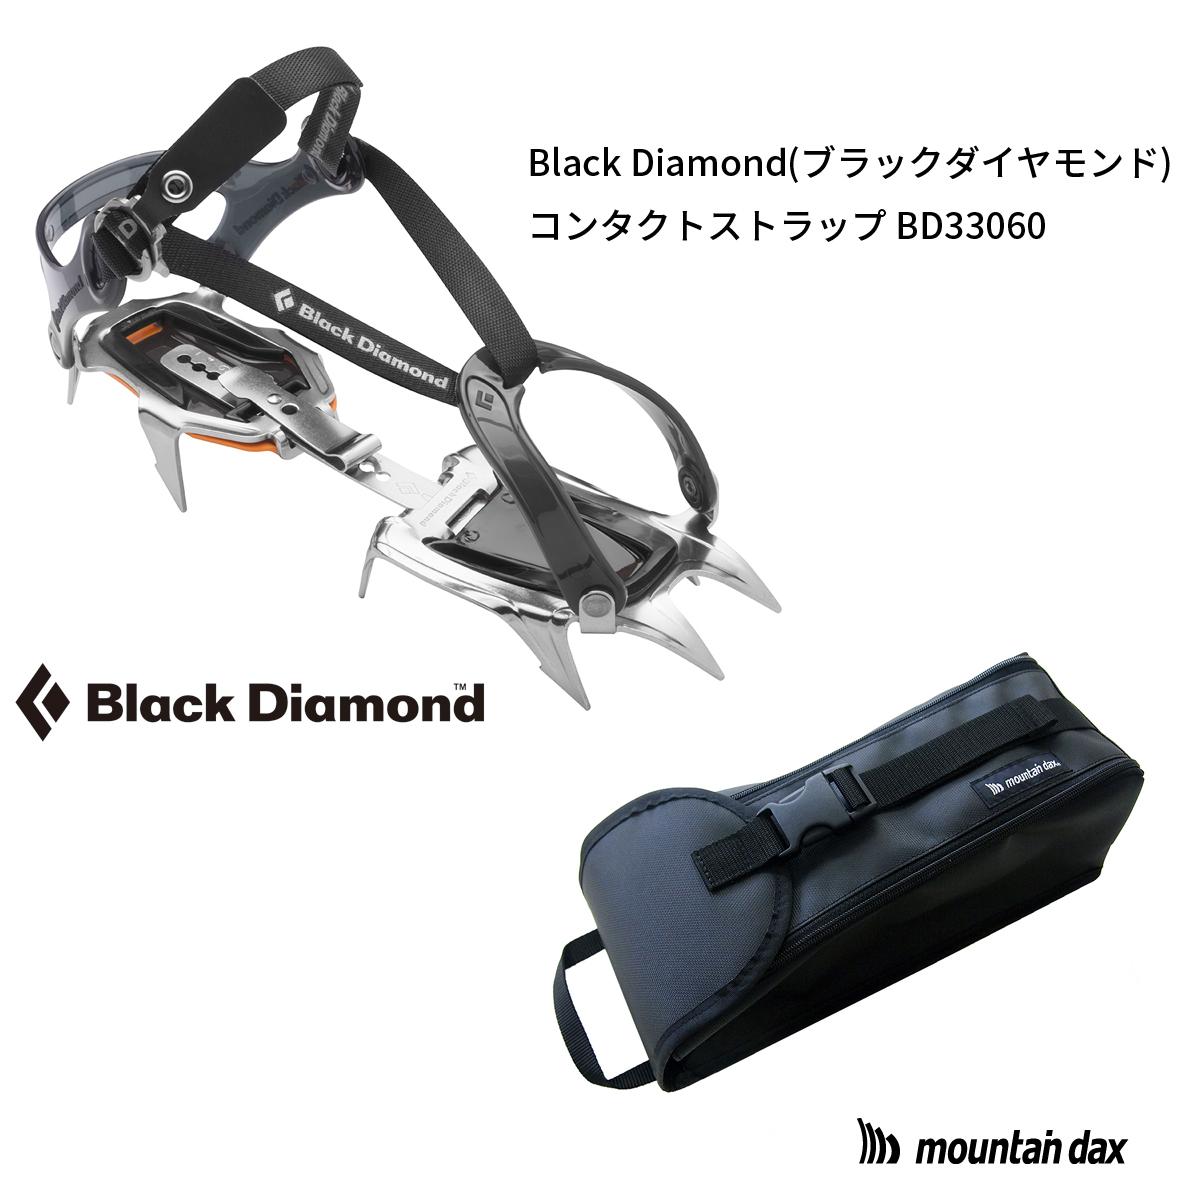 最新入荷 Black Diamond(ブラックダイヤモンド)コンタクトストラップ BD33060【mt.daxアイゼンケース付】, 四国中央市:7e7770da --- tonewind.xyz